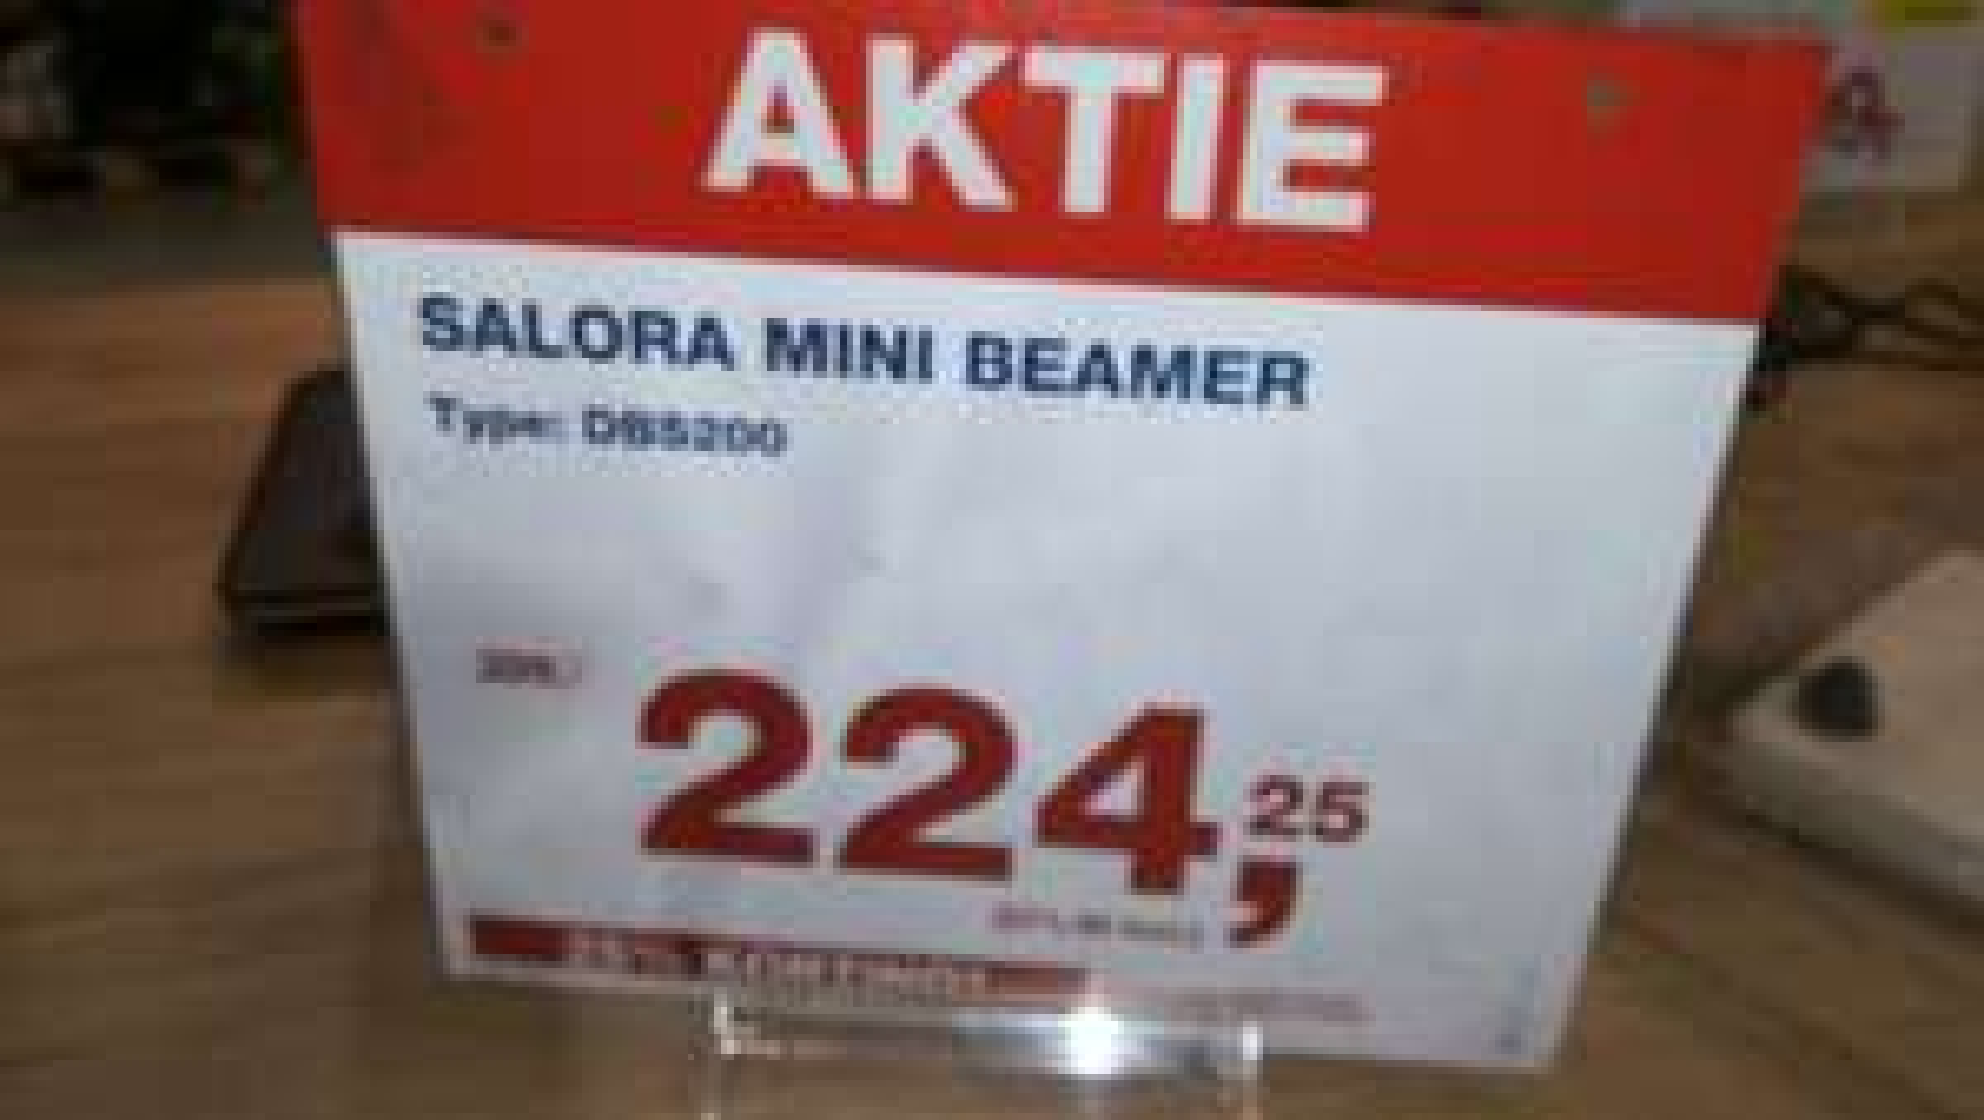 Salora mini beamer type dbs200 ergens anders €389,-